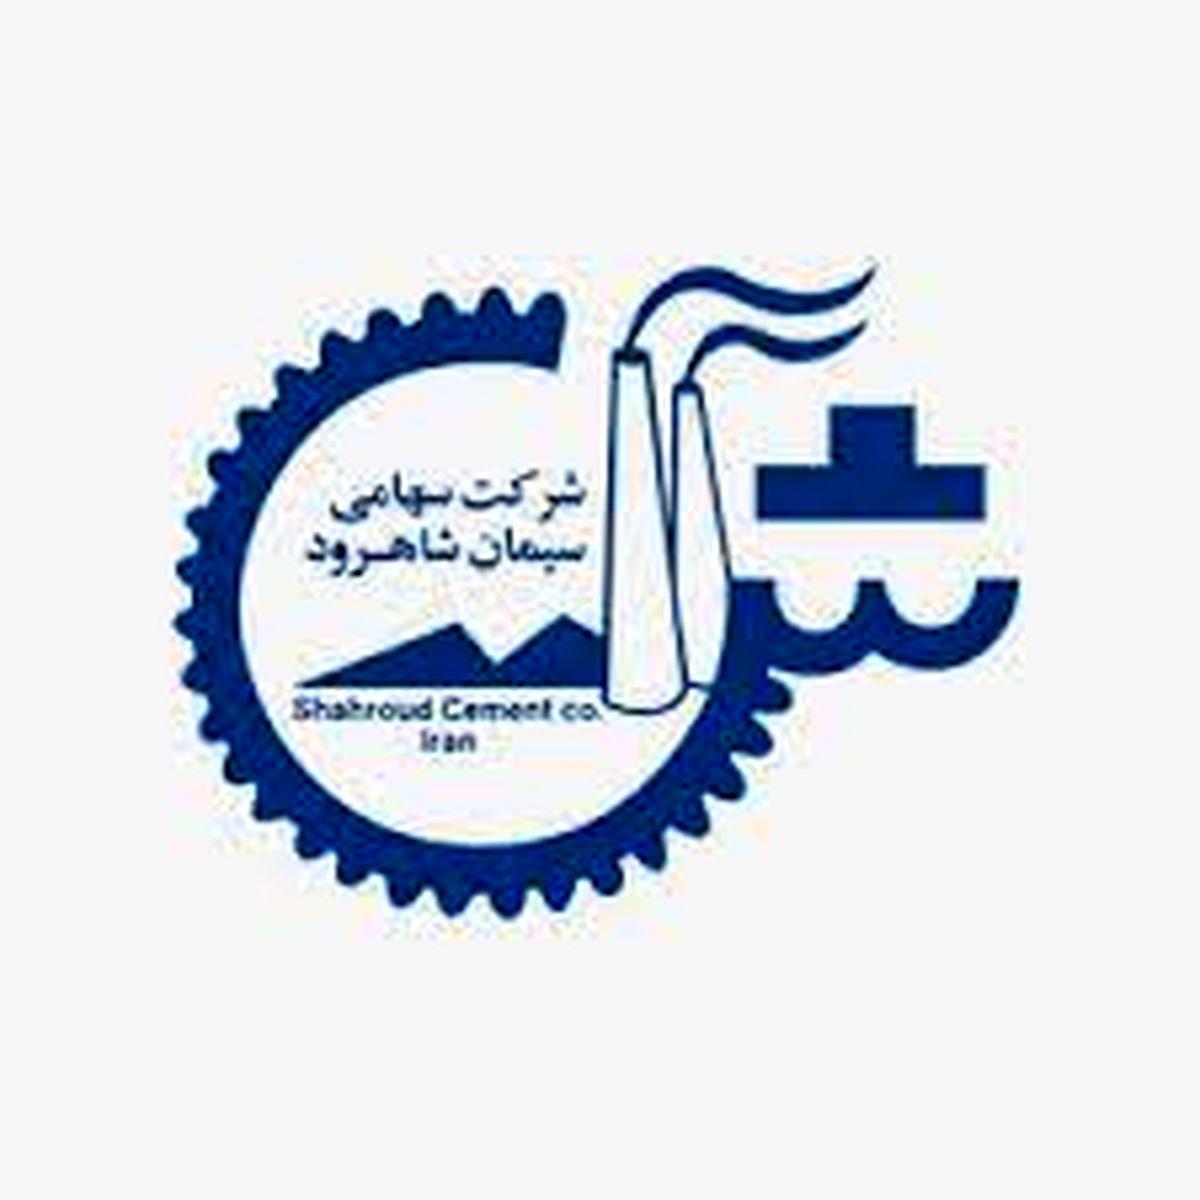 رشد چشمگیر تولید سیمان شاهرود در بهمن